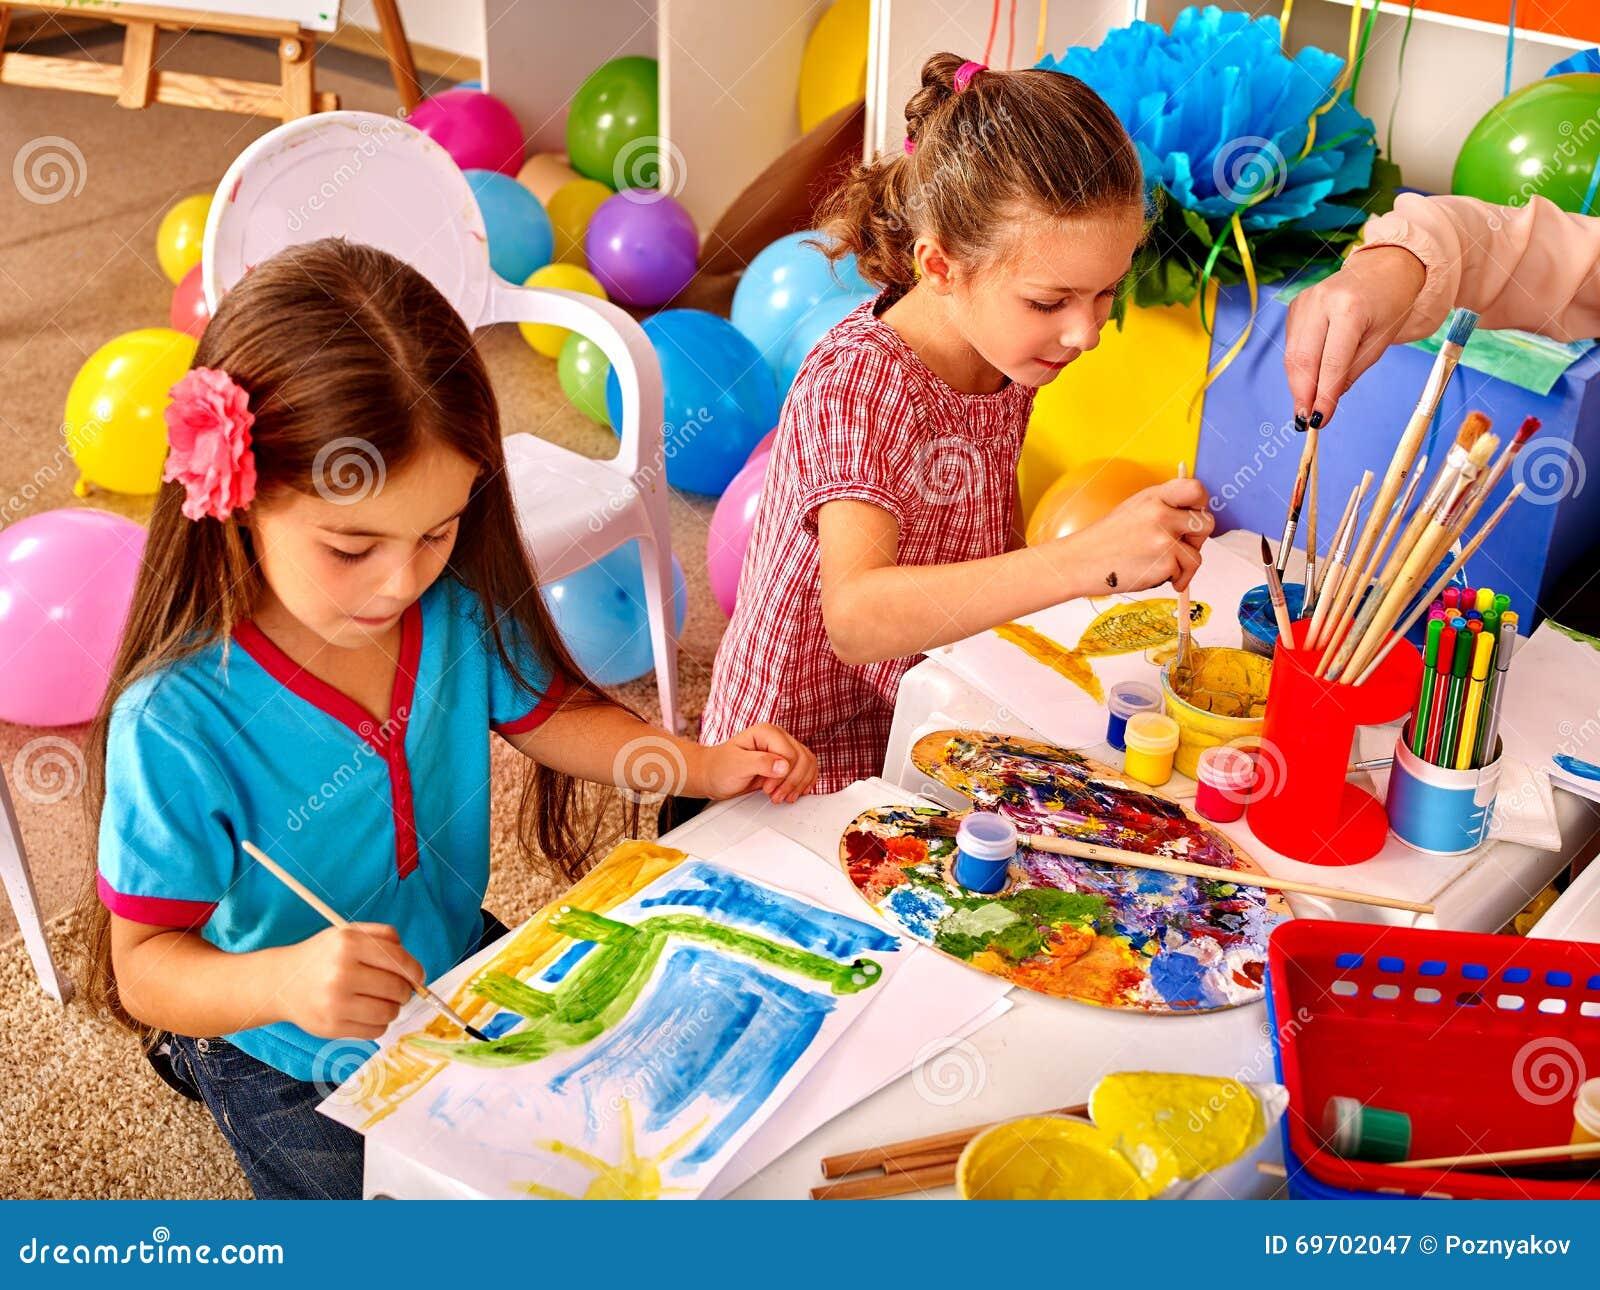 kinder lernen in vorbereitende schule auf h here ausbildung zu zeichnen stockfoto bild 69702047. Black Bedroom Furniture Sets. Home Design Ideas